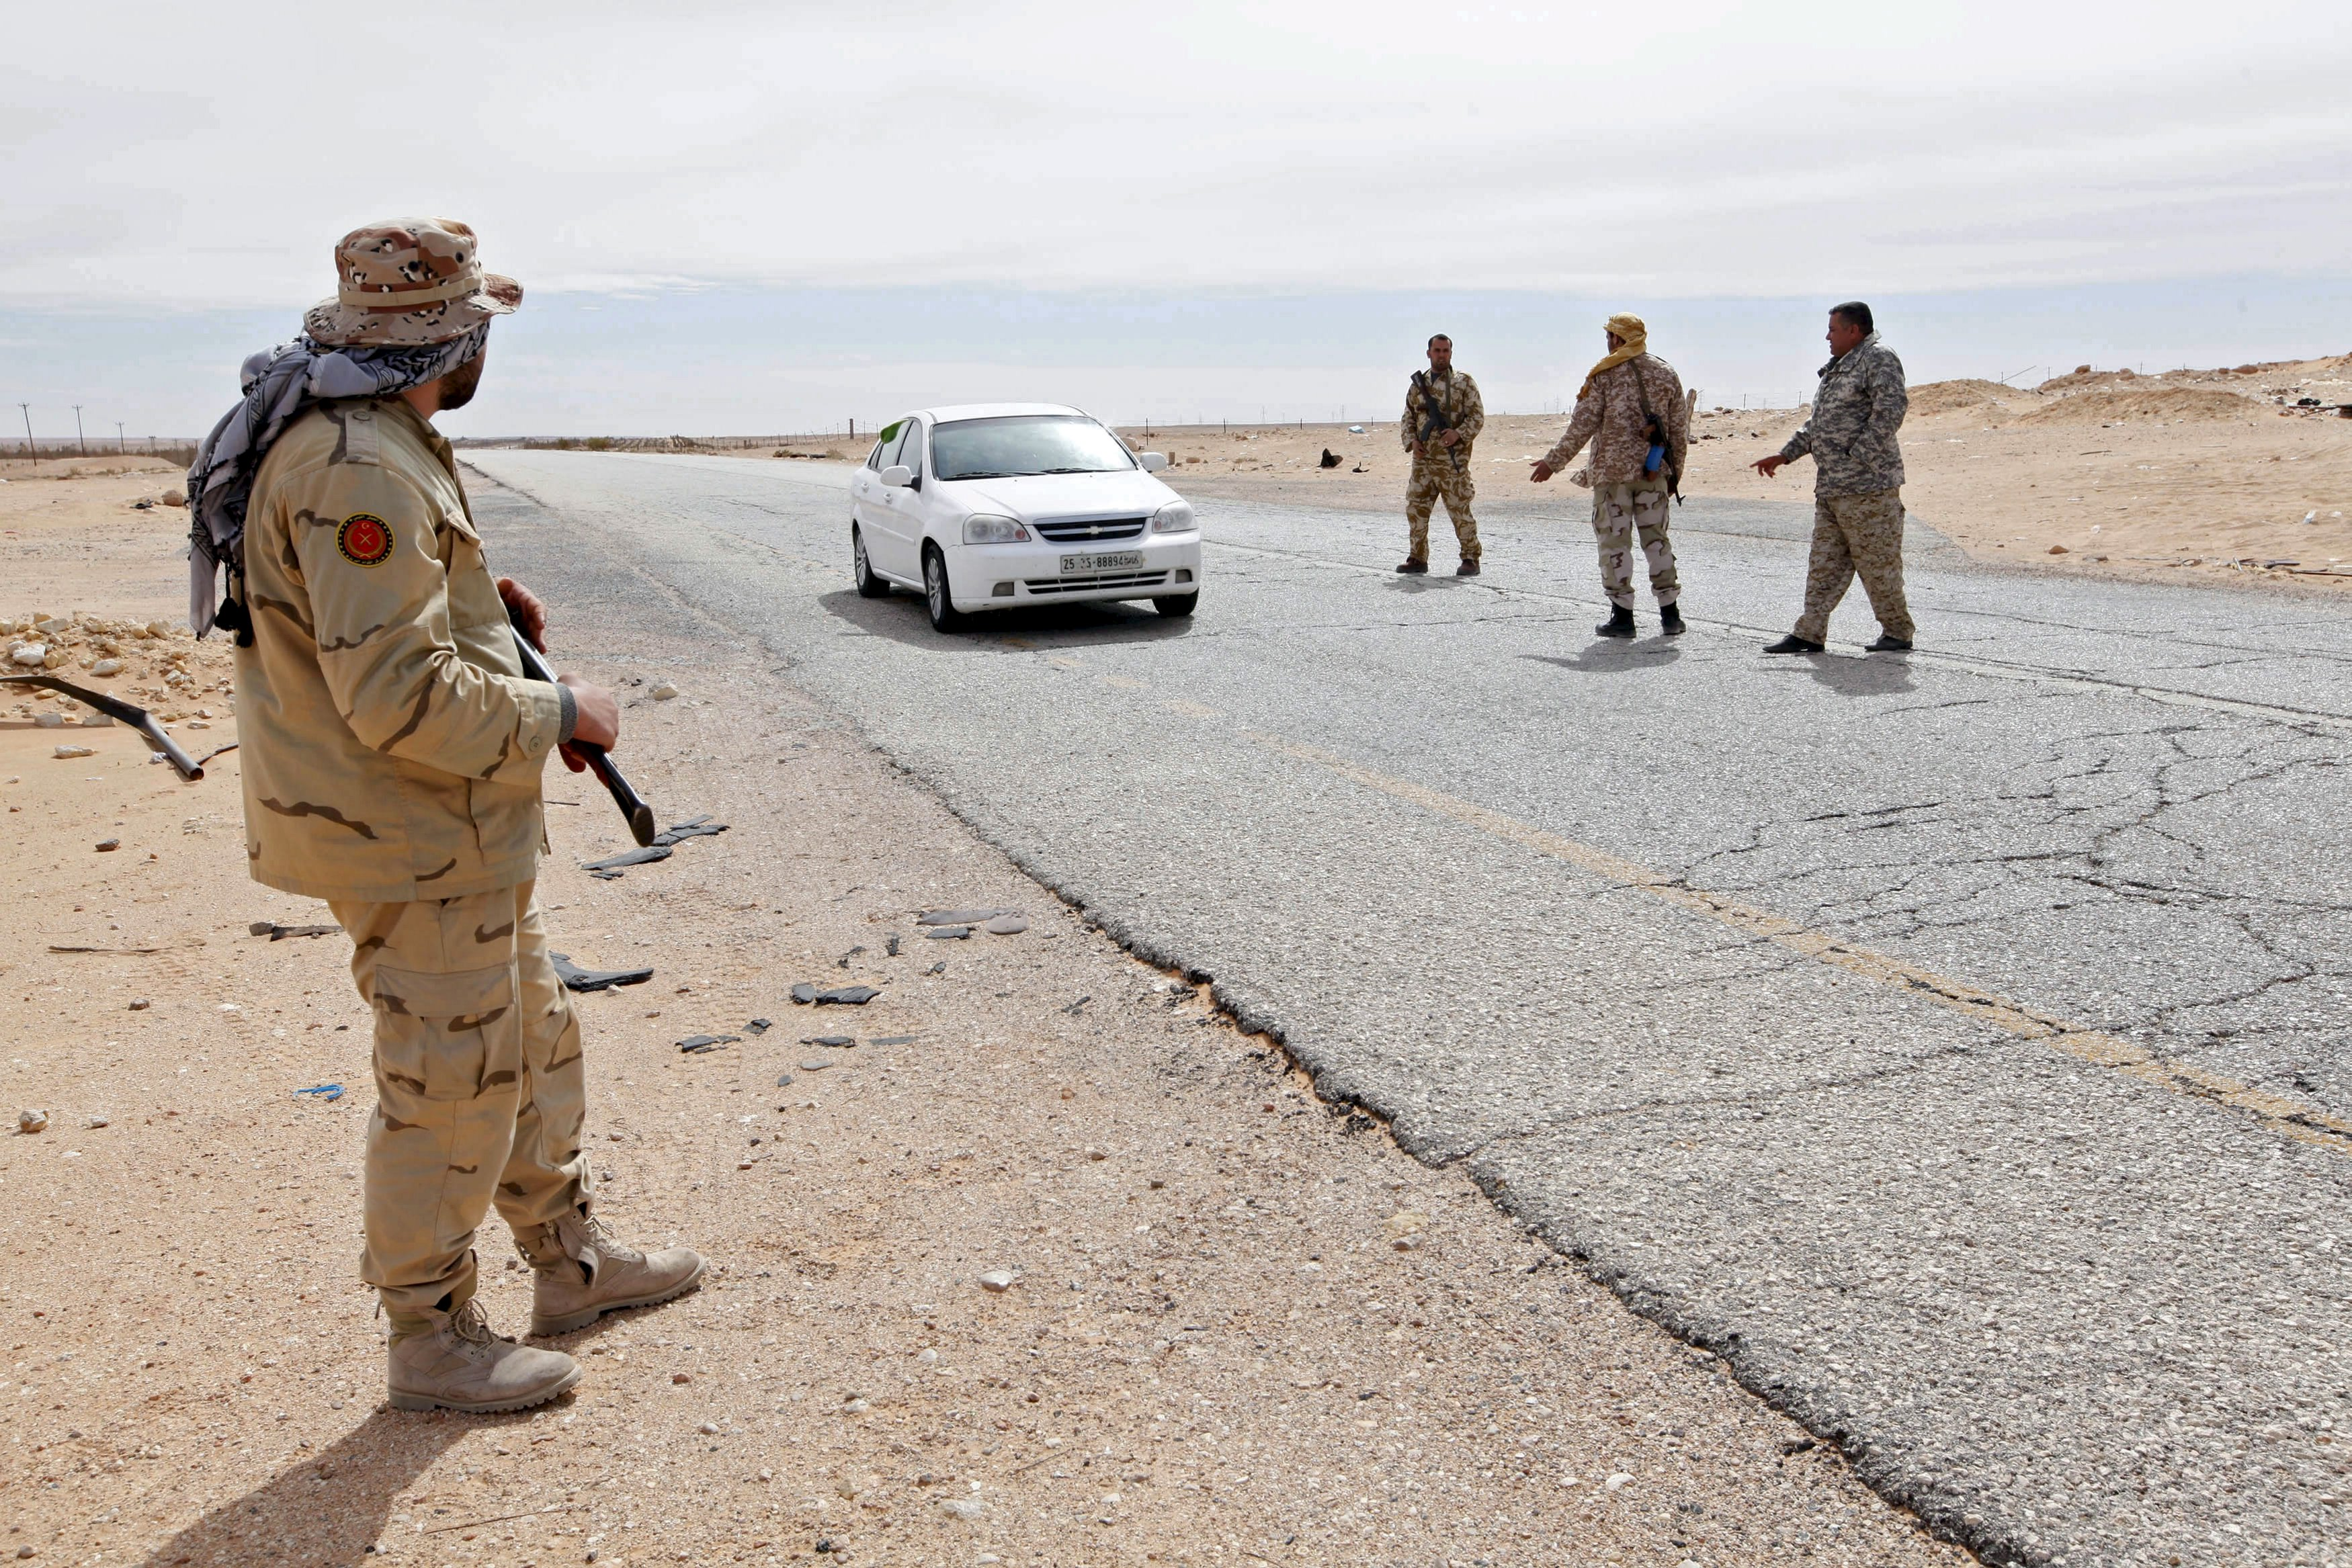 2016年2月23日,利比亞軍人在北部錫德拉灣城市蘇爾特設立檢查站,截停通過該站的車輛進行檢查。蘇爾特現遭「伊斯蘭國」(IS)武裝分子佔據。攝:Ismail Zitouny/REUTERS